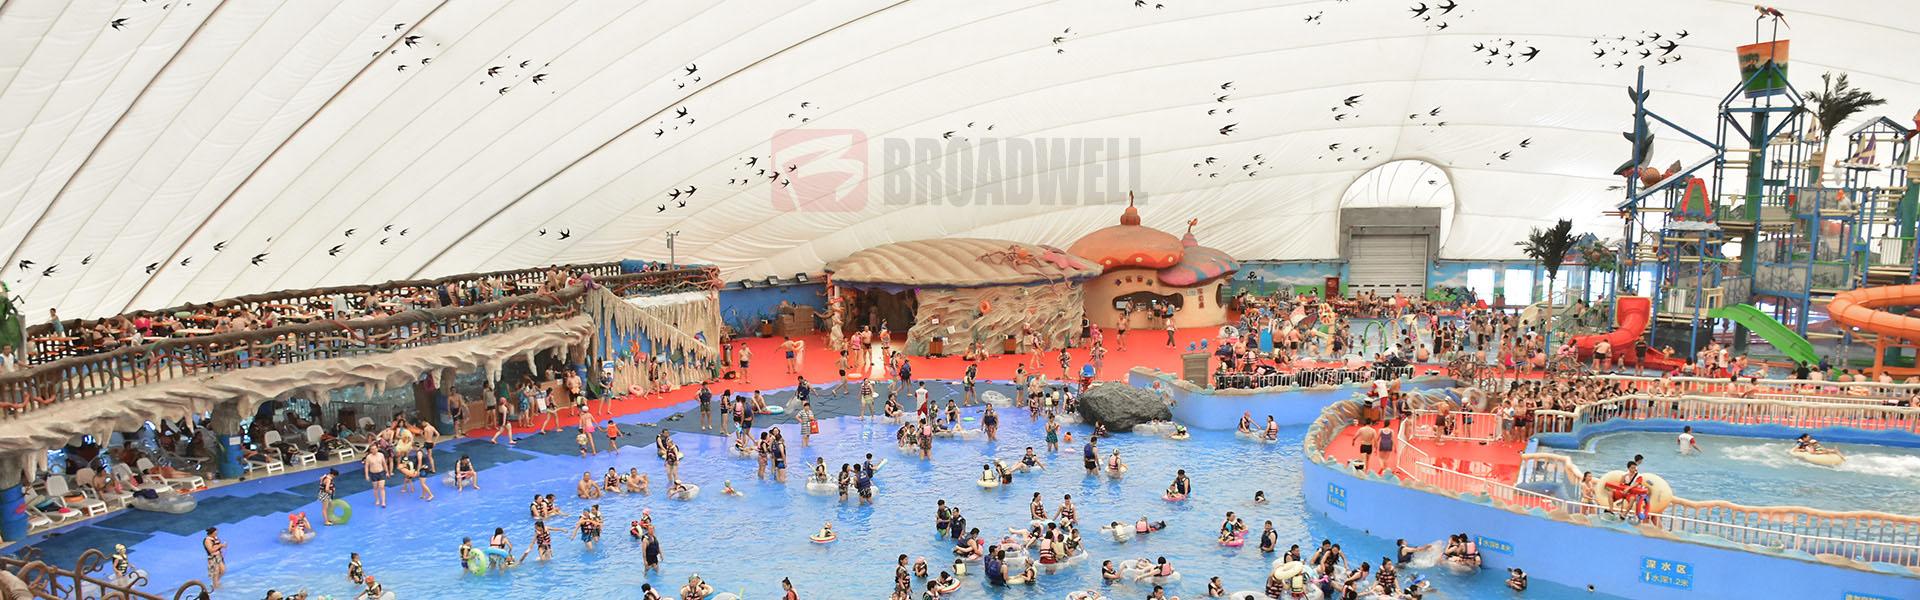 跨度110m智能恒温气膜水上乐园——新疆神木园气膜水上乐园